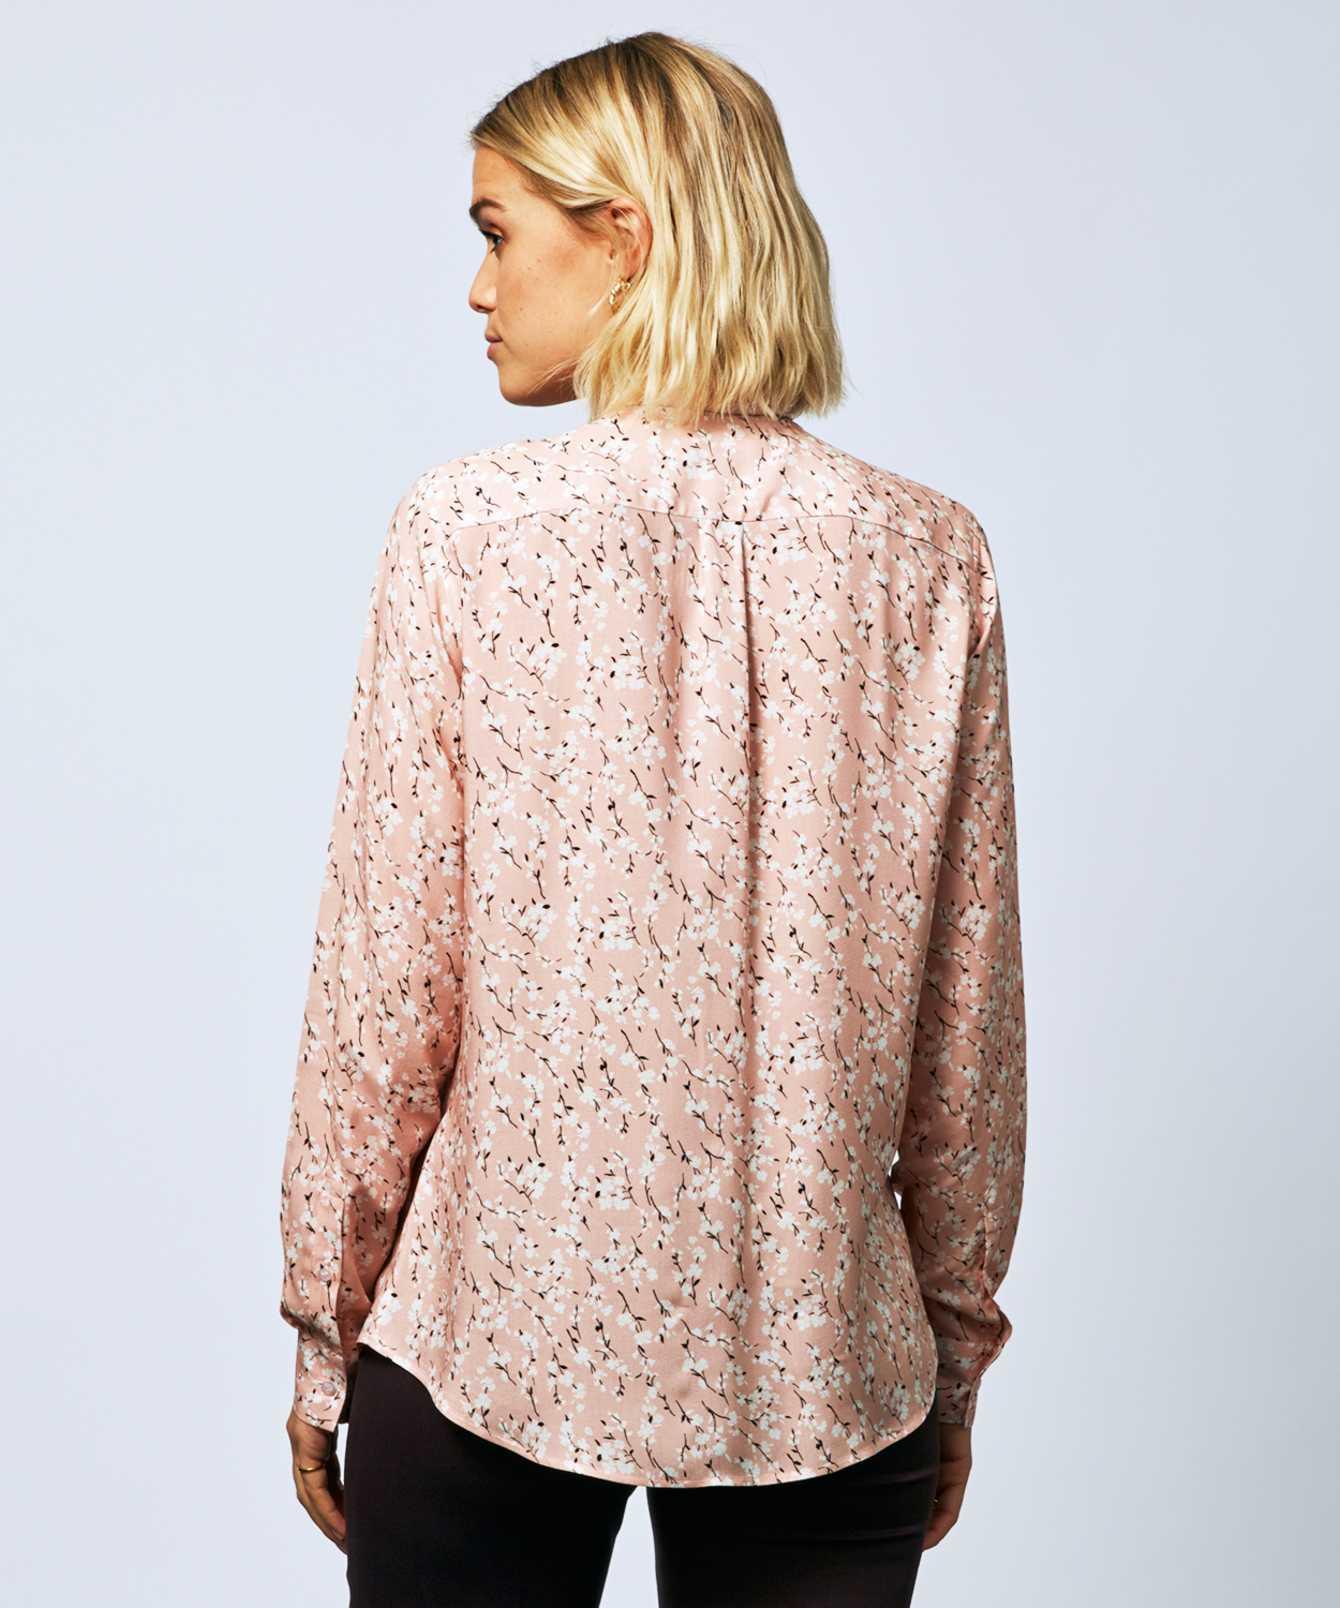 Skjorta Karin Cherry Rosa The Shirt Factory